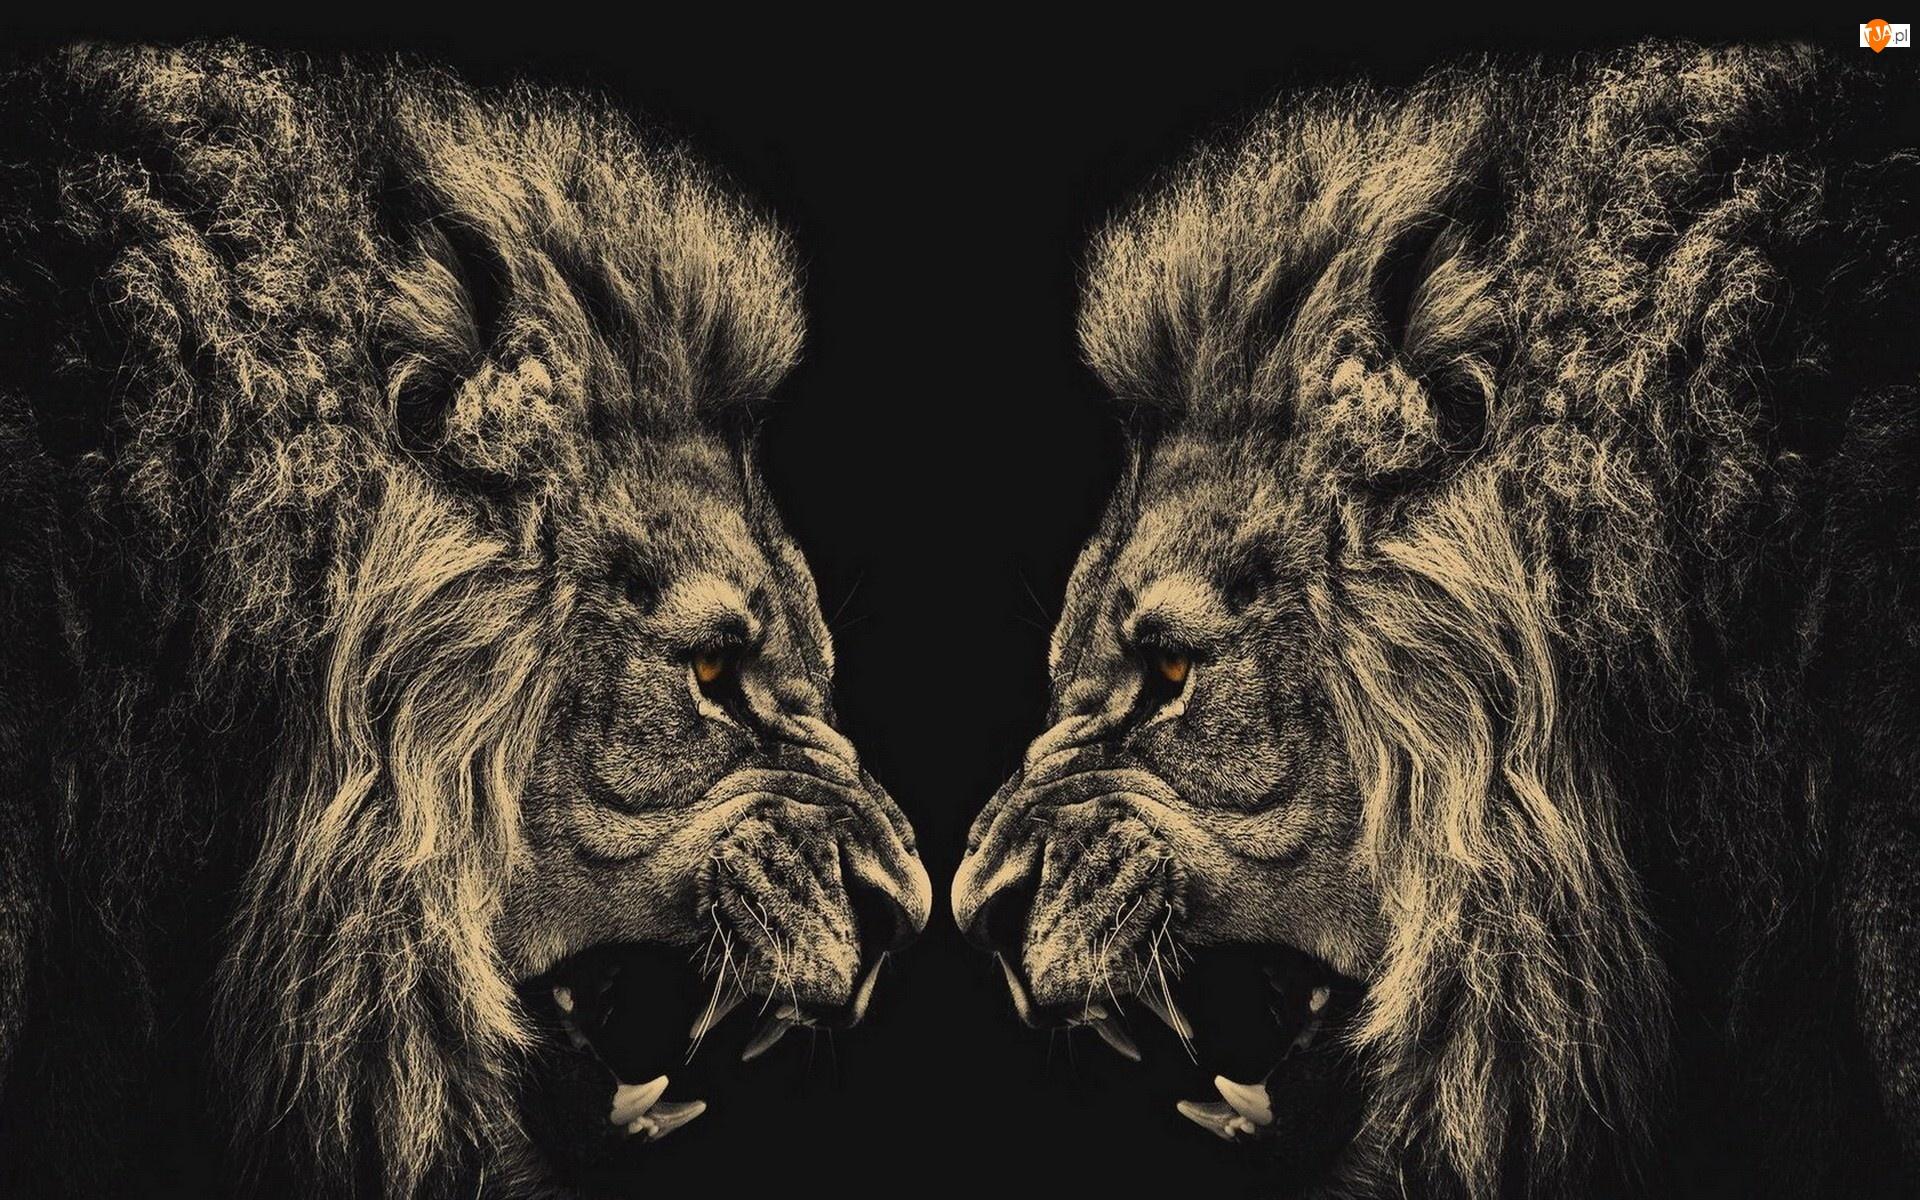 Samce, Zwierzęta, Brązowe oczy, Lwy, Kły